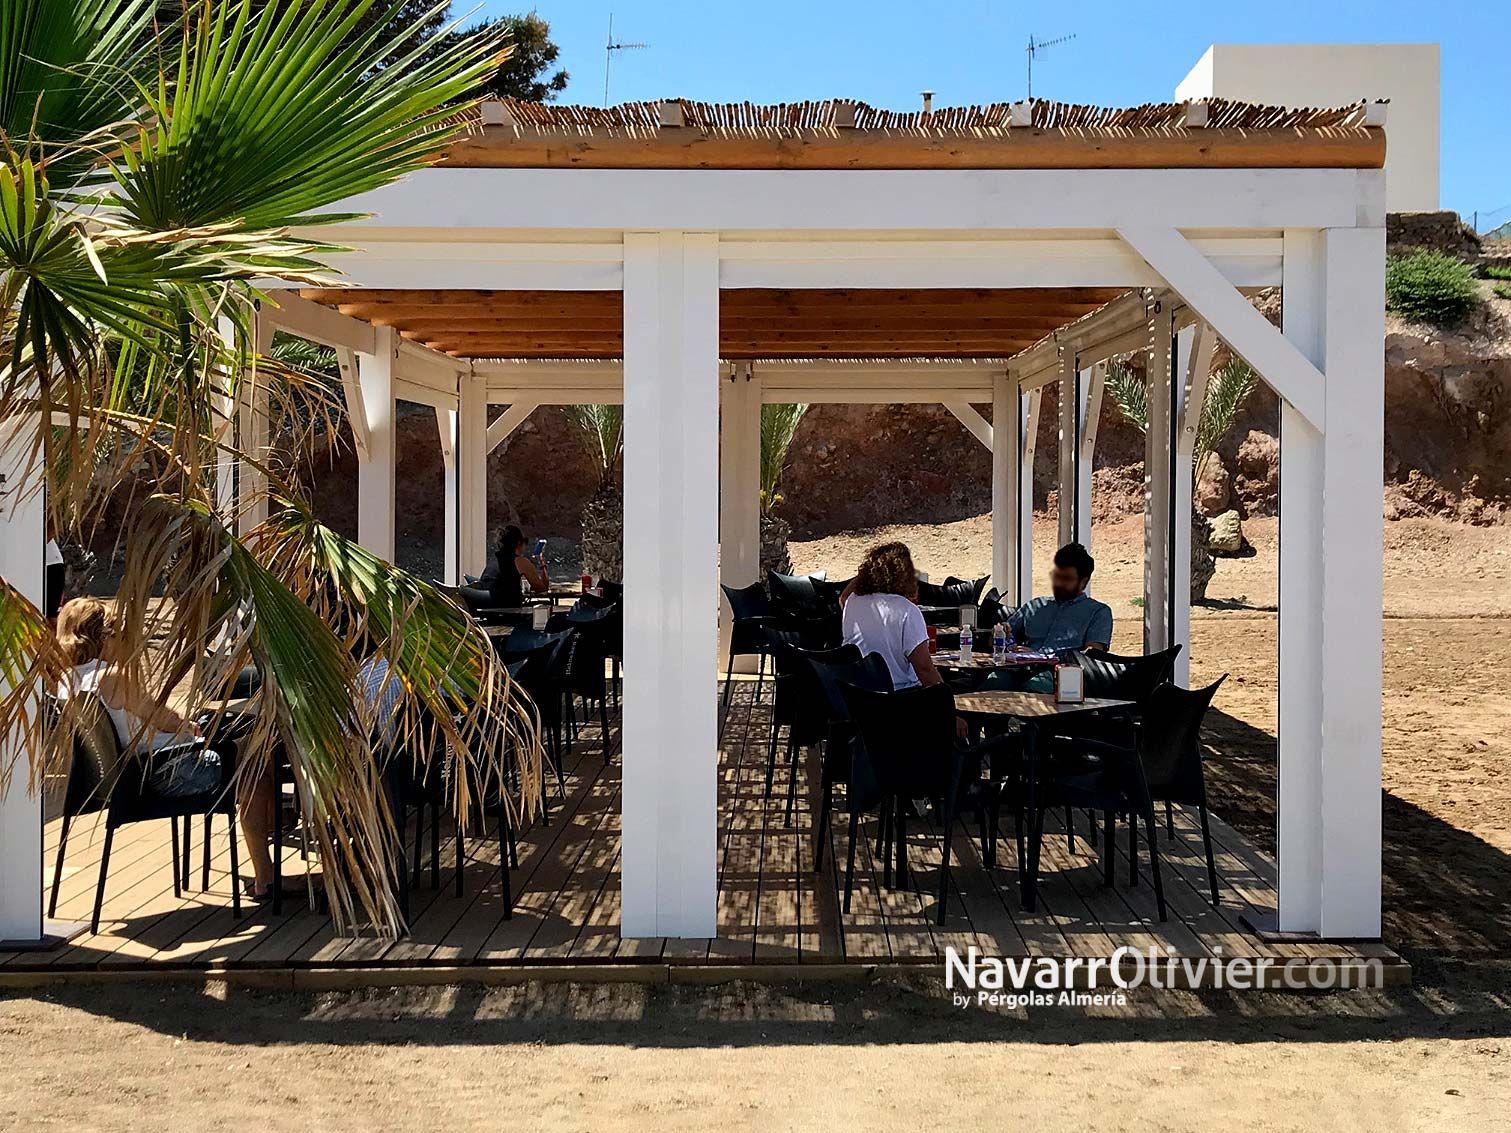 Chiringuito Kioscos Y Clubs De Playa Chiringuitos Club